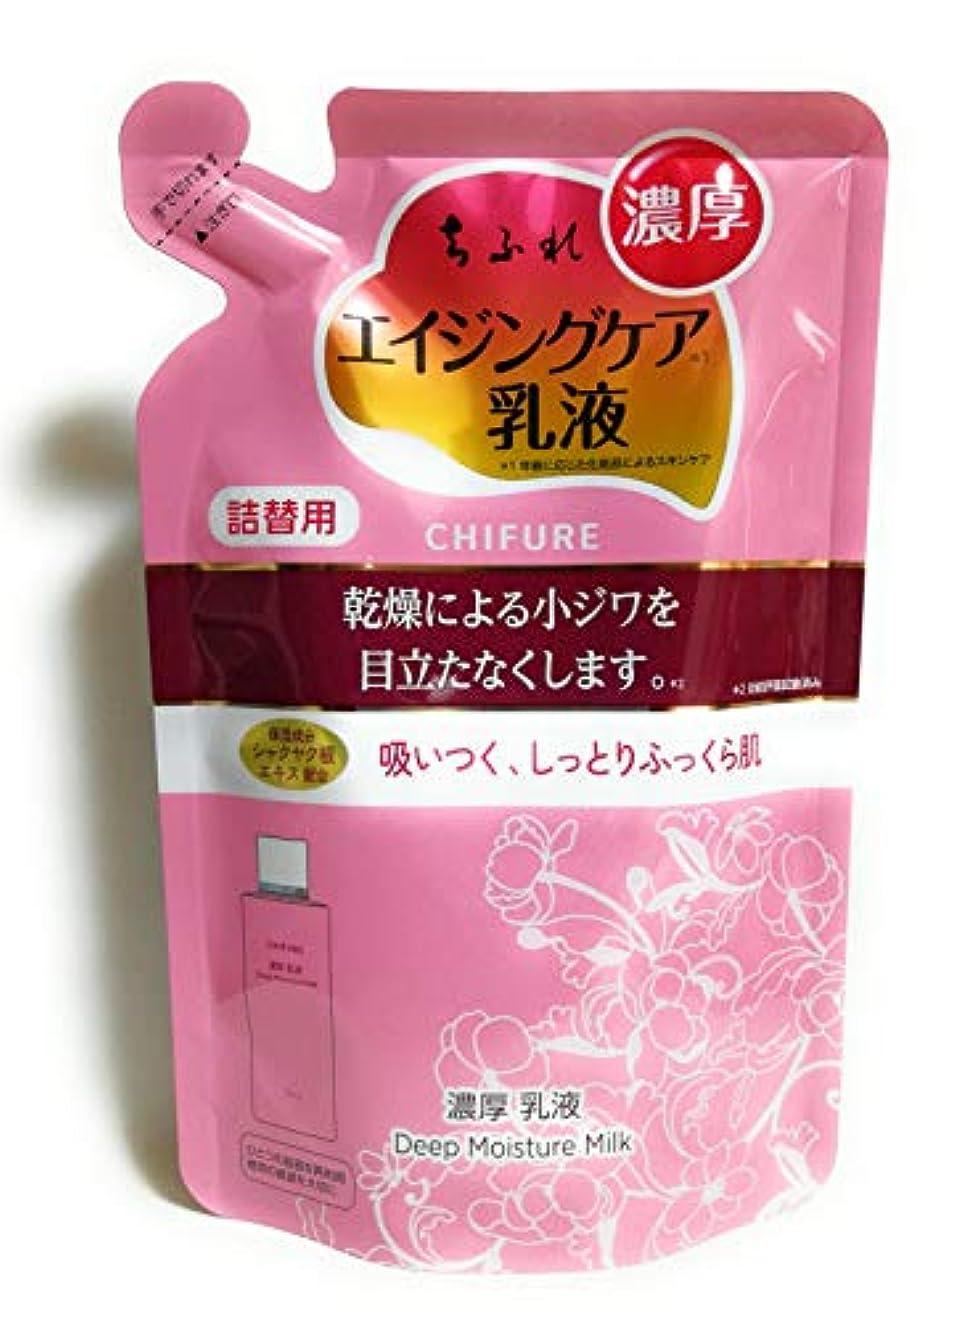 過言煩わしいタバコちふれ化粧品 濃厚乳液 替 150ml